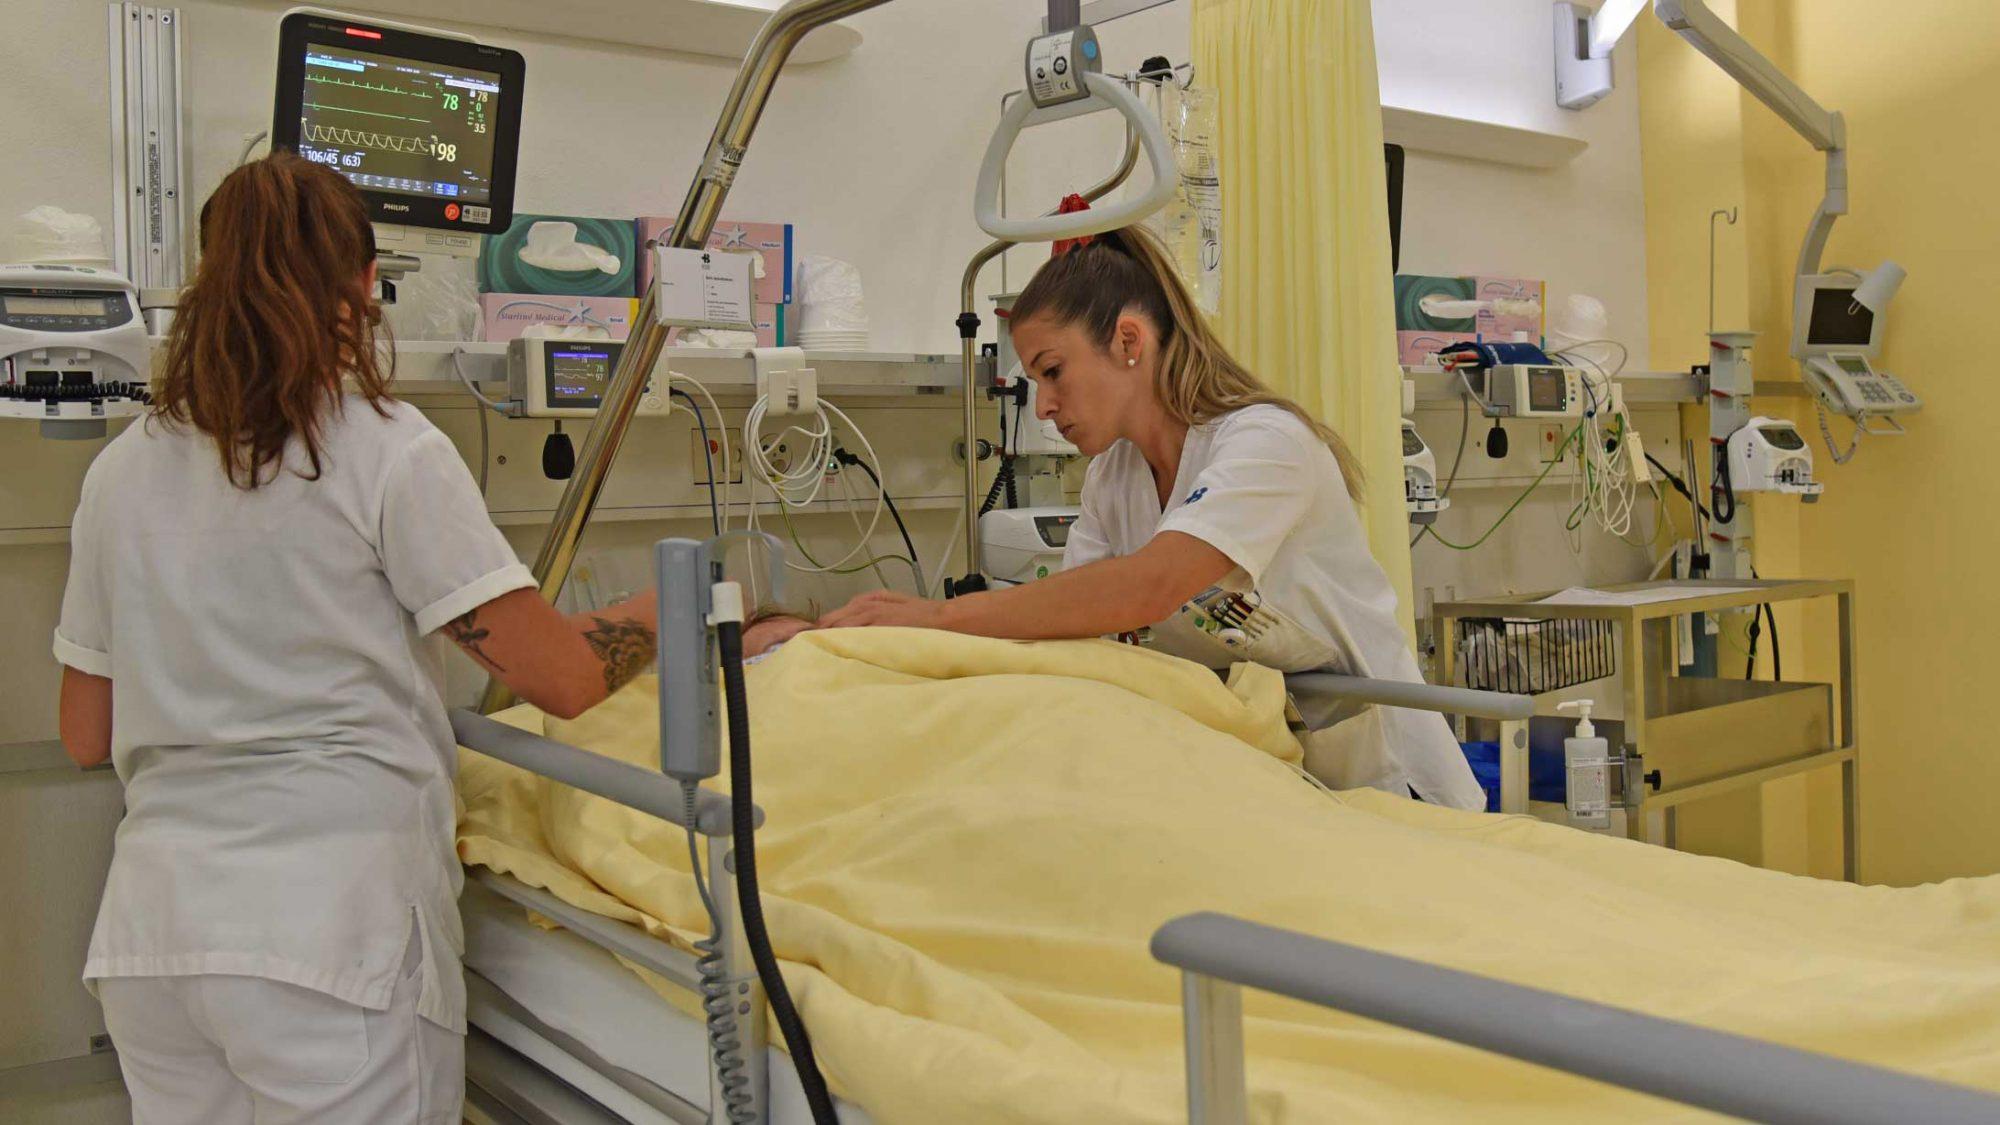 Das Pflegepersonal prüft Infusionen und Messgeräte.